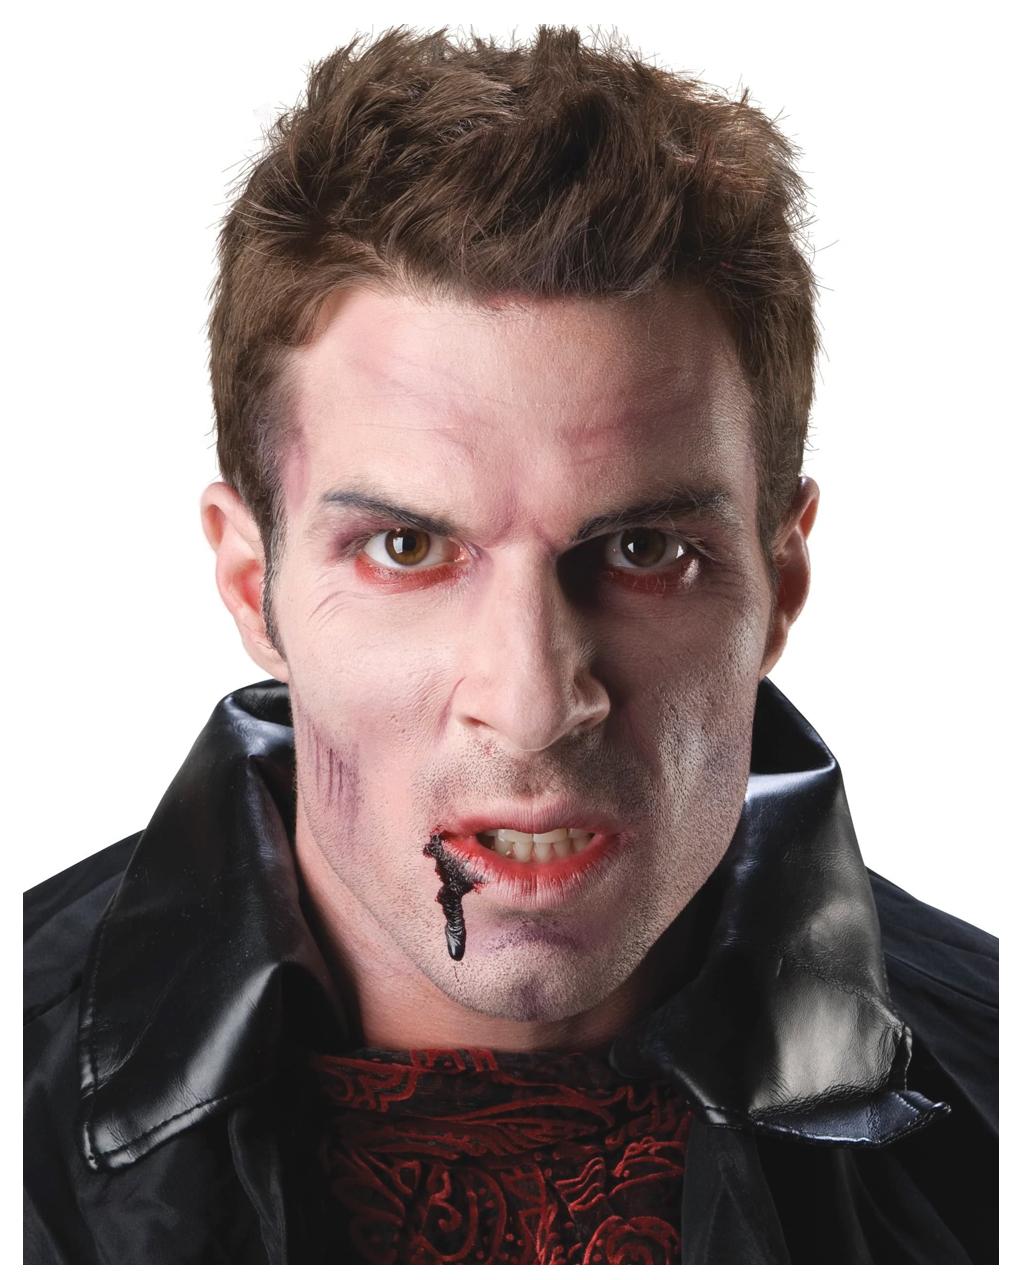 vampir schminke make up stack dracula schminke als. Black Bedroom Furniture Sets. Home Design Ideas